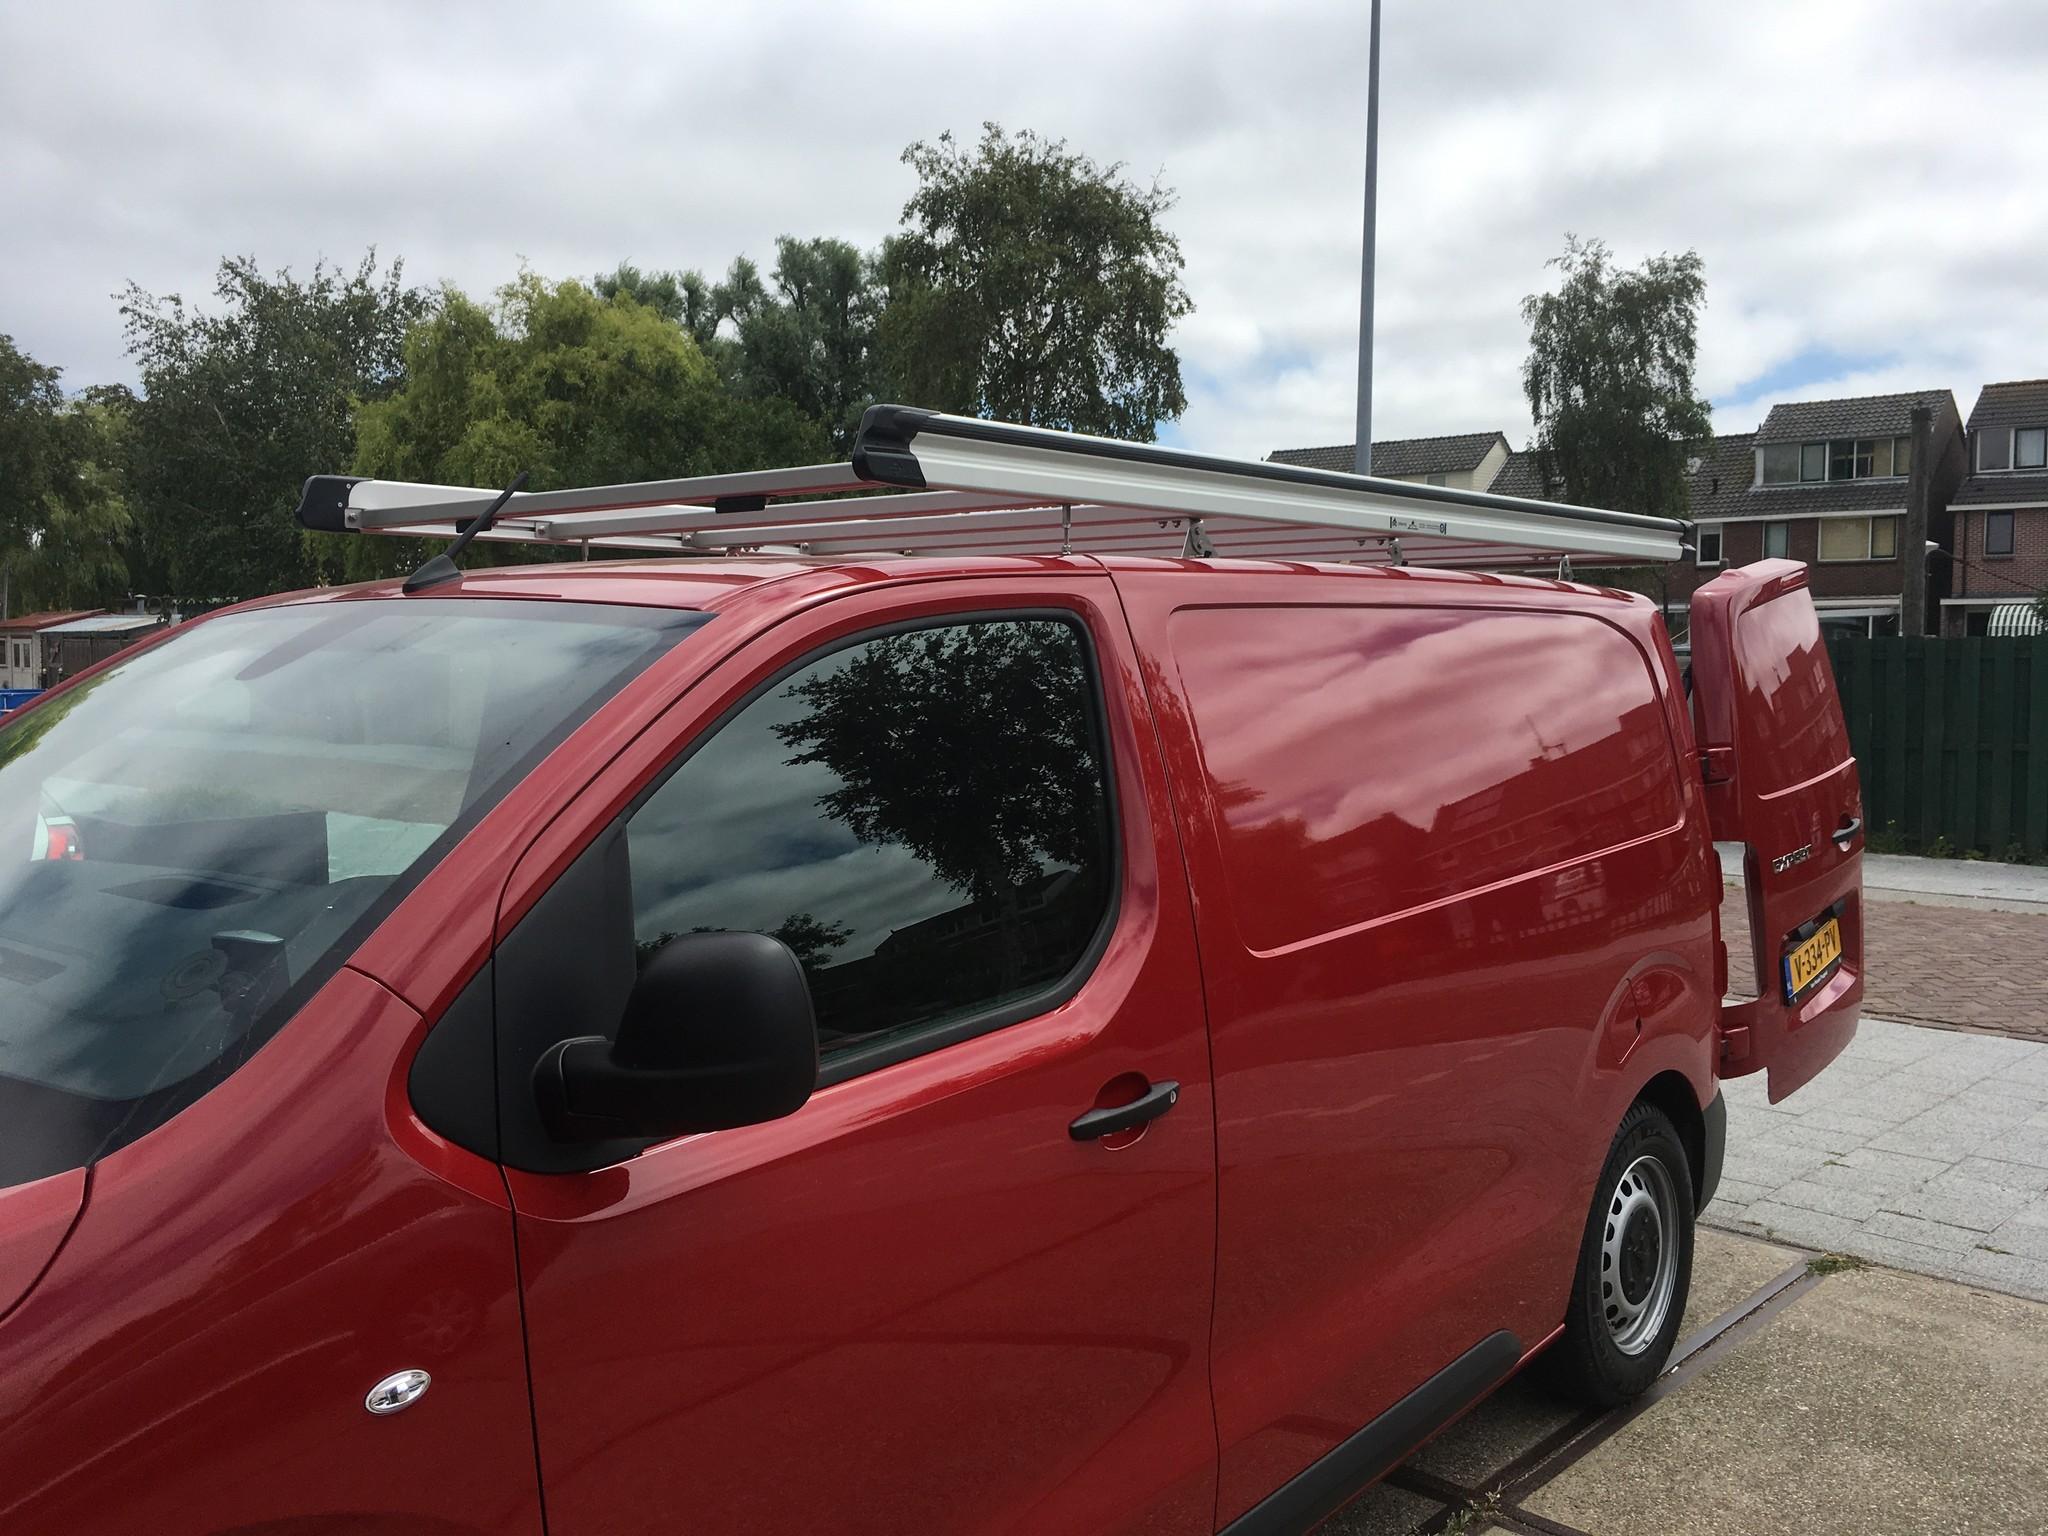 Aluminium imperiaal Opel Vivaro vanaf 2019 Compact L1 H1 met achterdeuren inclusief opsteekrol